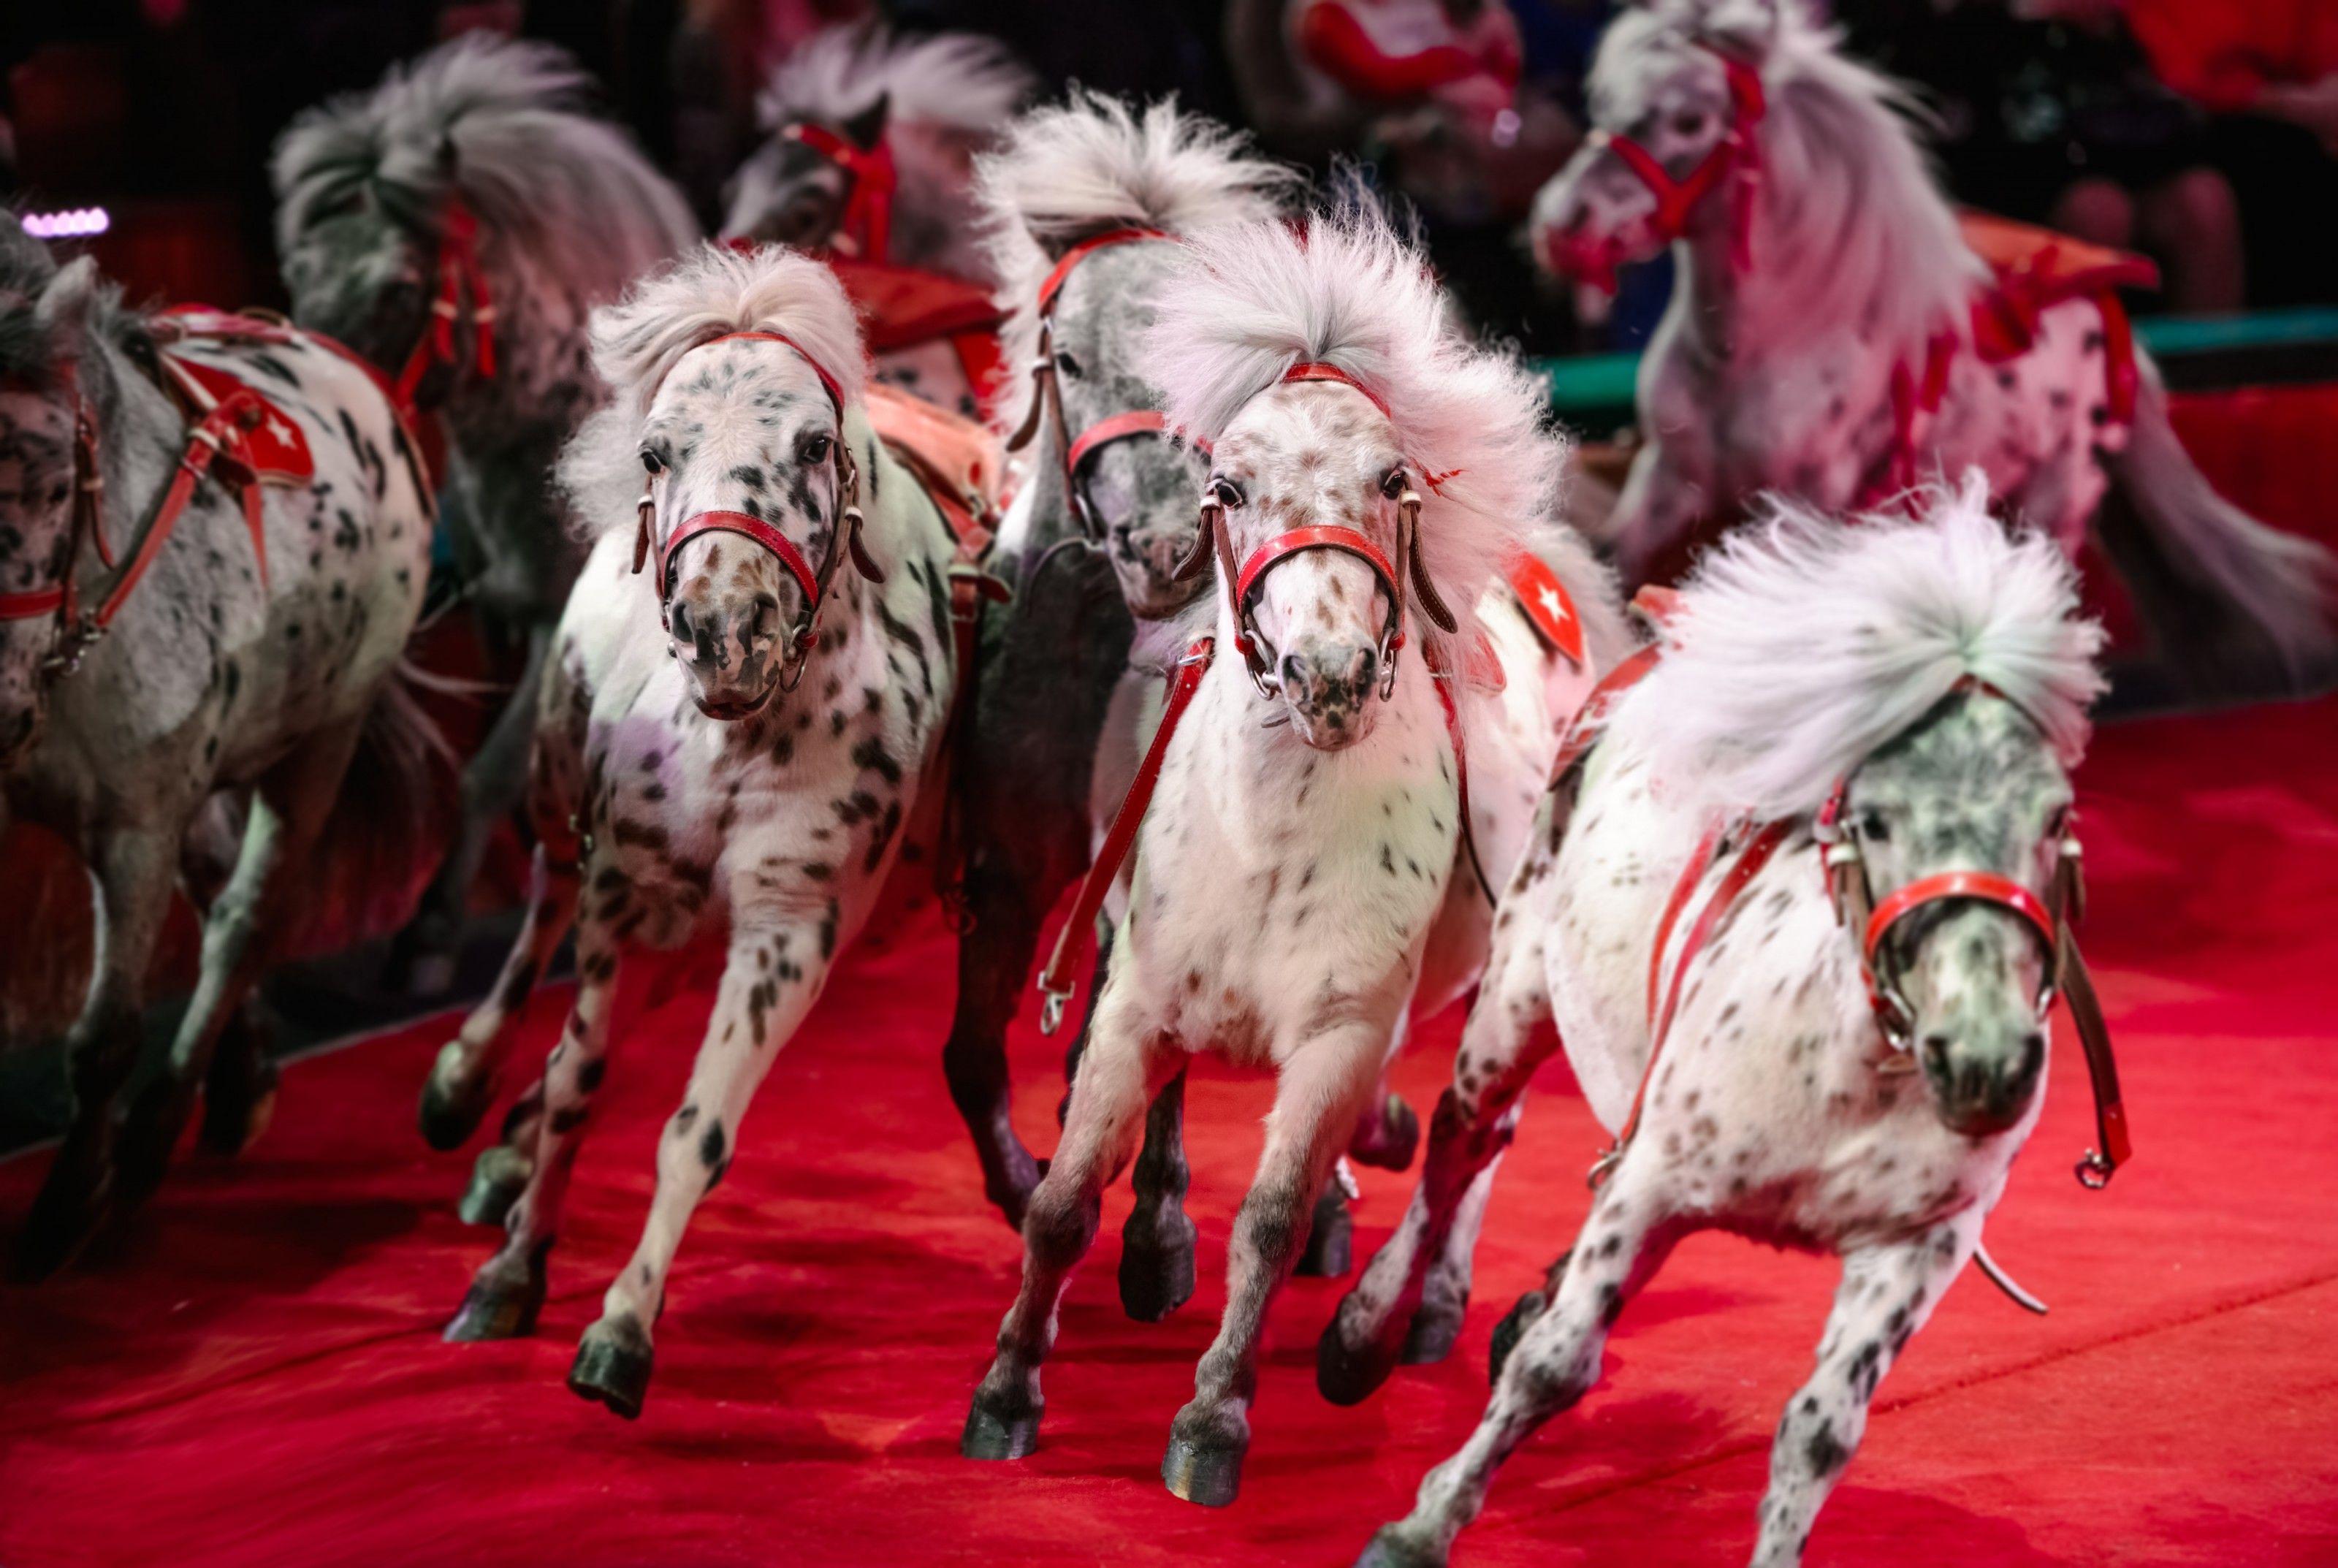 Vom Zirkus in die Freiheit: Warum ausgebrochene Tiere in Panik geraten | National Geographic